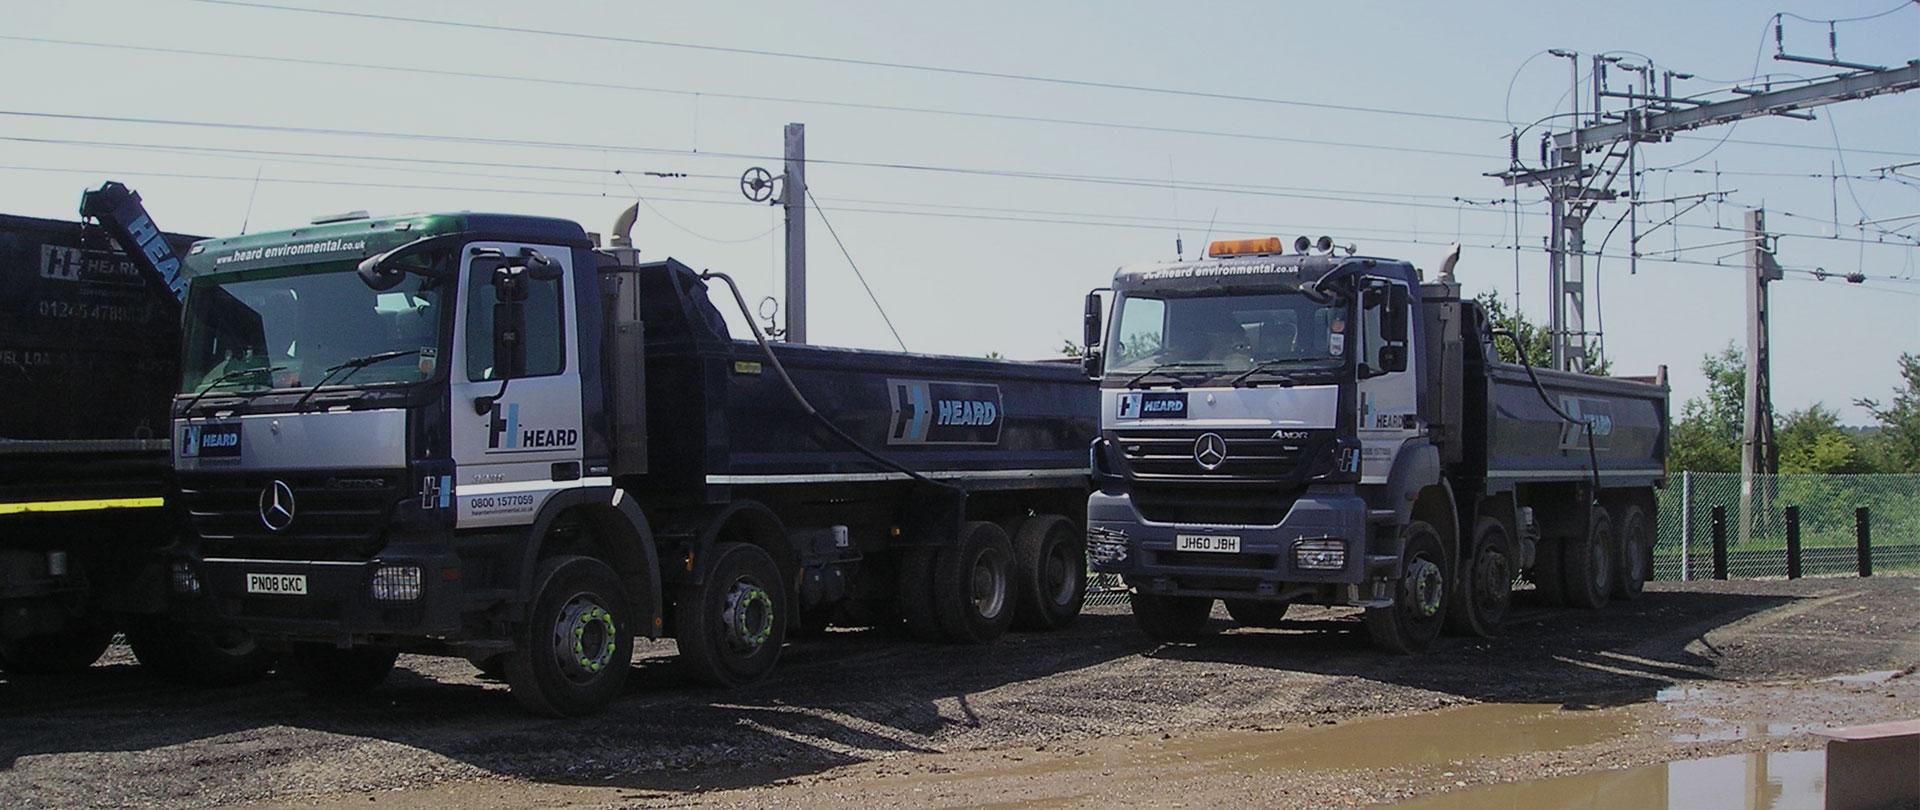 all-trucks_1